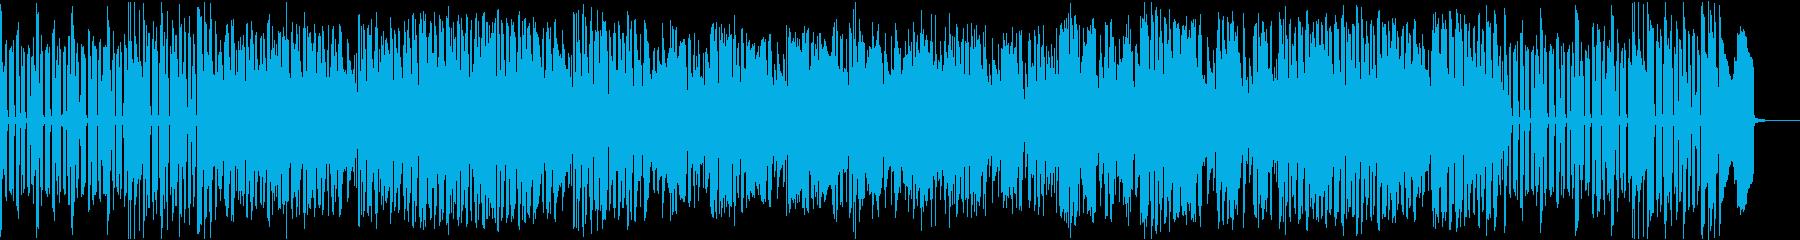 マフィア・ギャング・ジャズ・ブルースの再生済みの波形